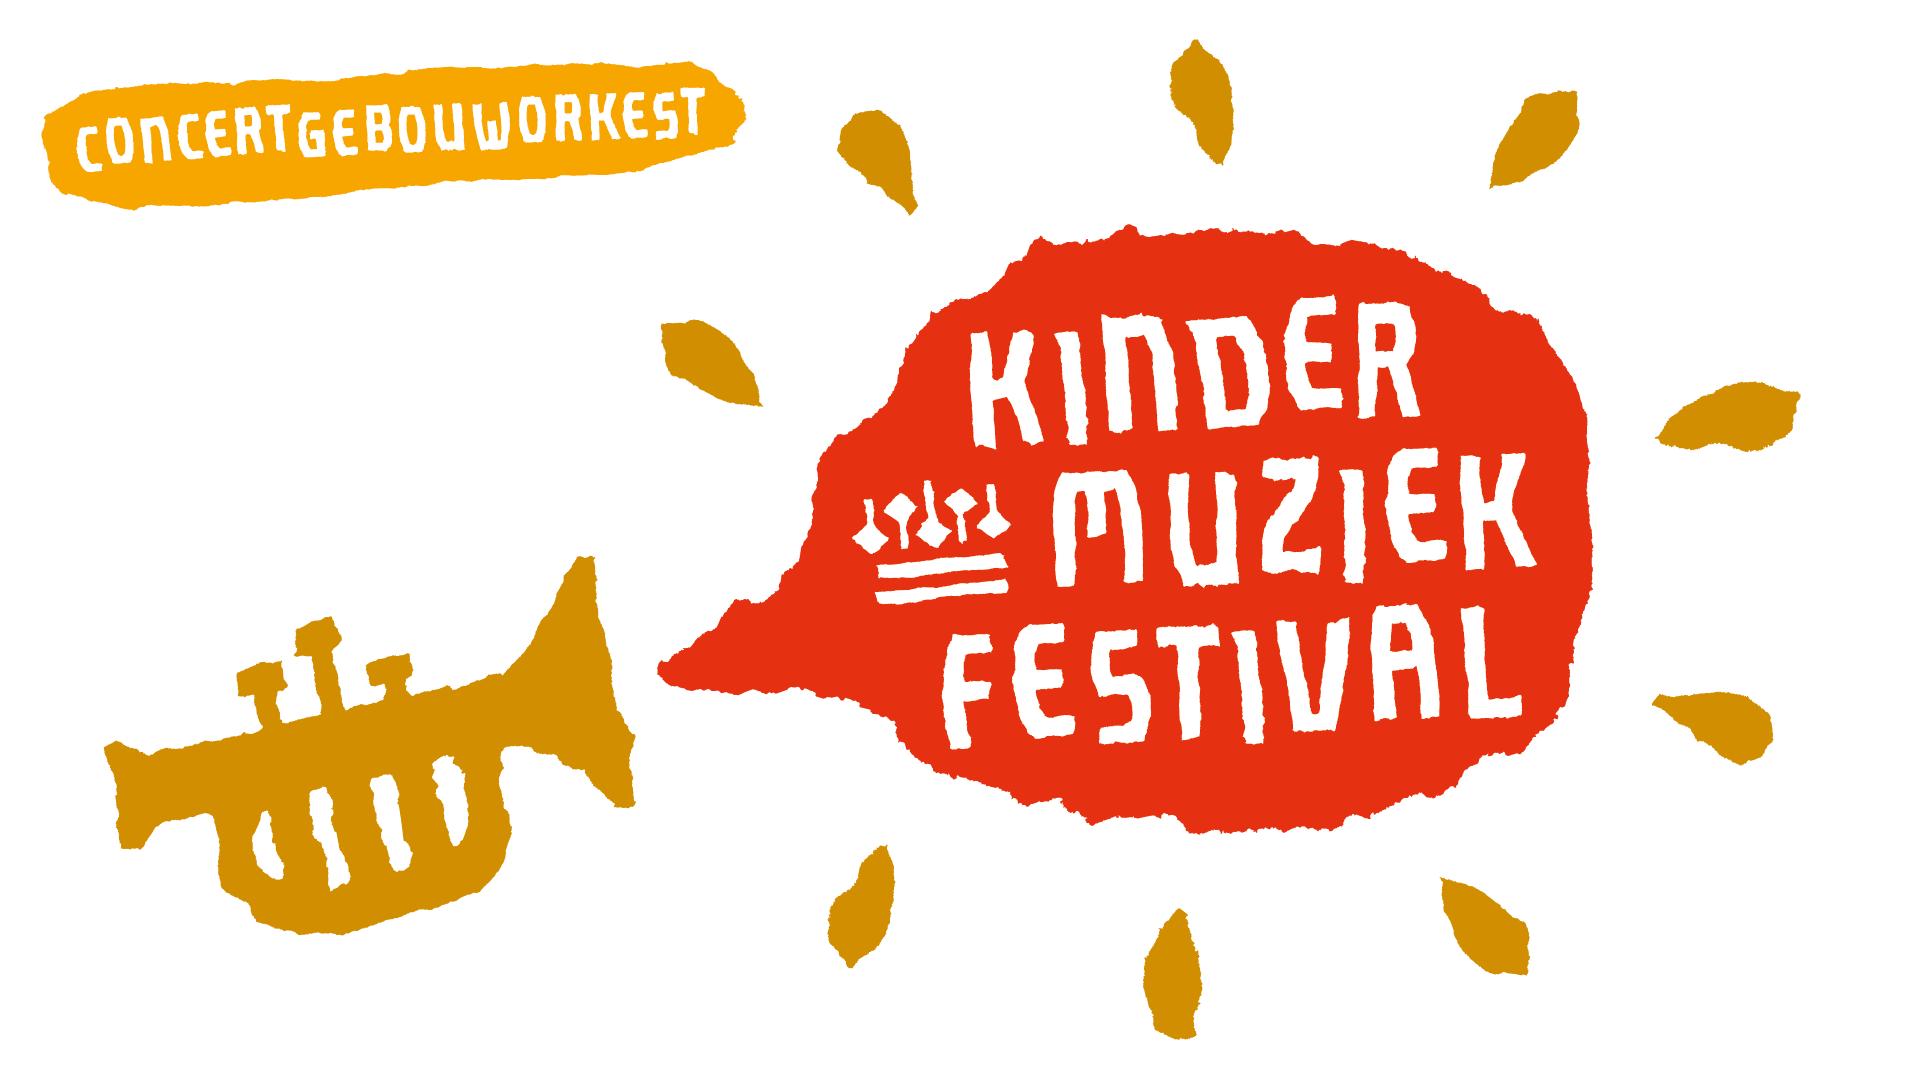 Concertgebouworkest Kindermuziekfestival